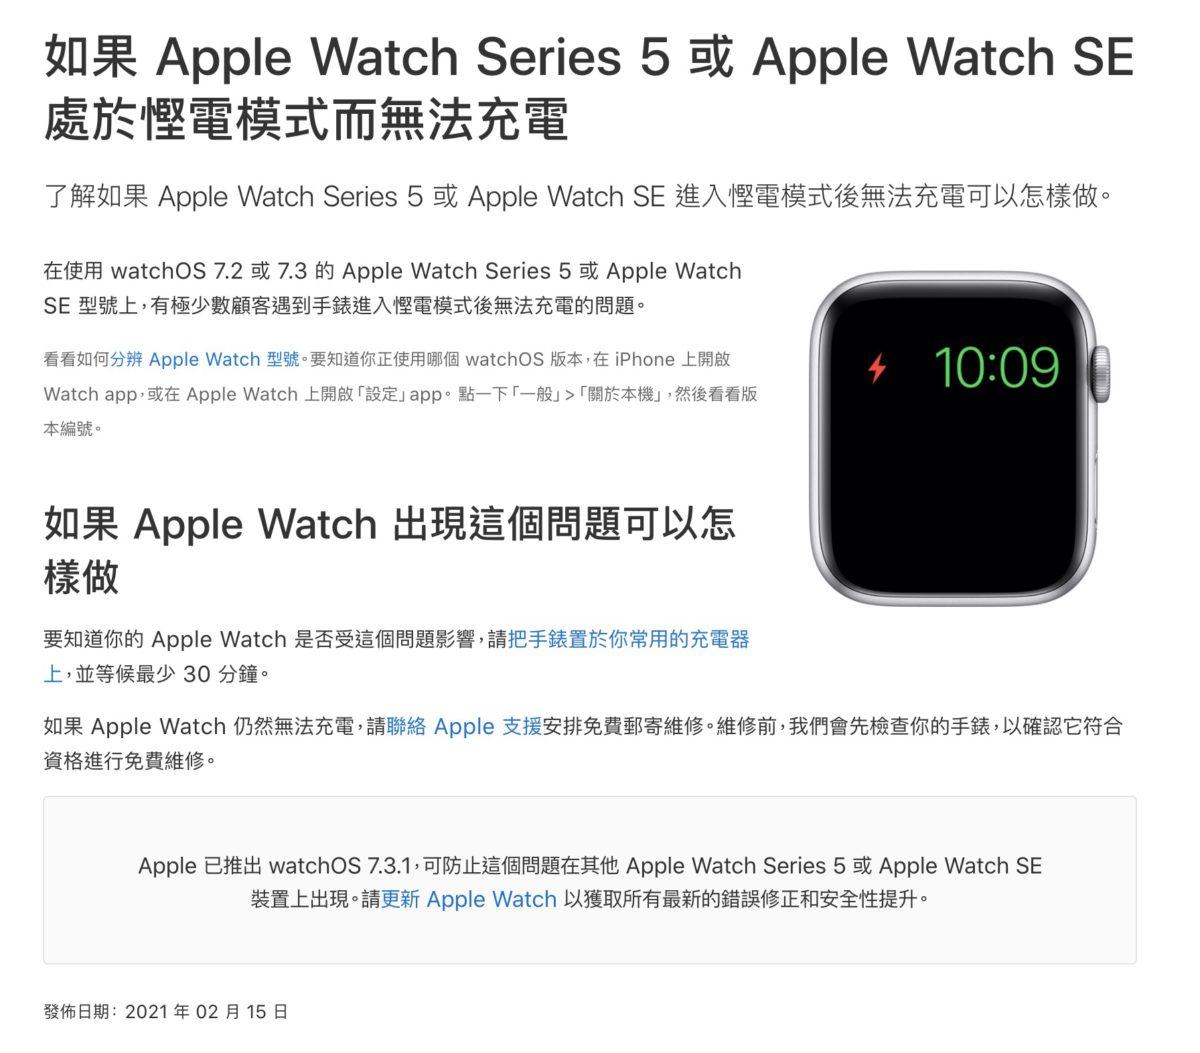 據報道指這個更新只能夠為未發生問題的 Apple Watch 防止問題發生。已經發生問題的 Apple Watch 仍然需要找 Apple 進行維修。